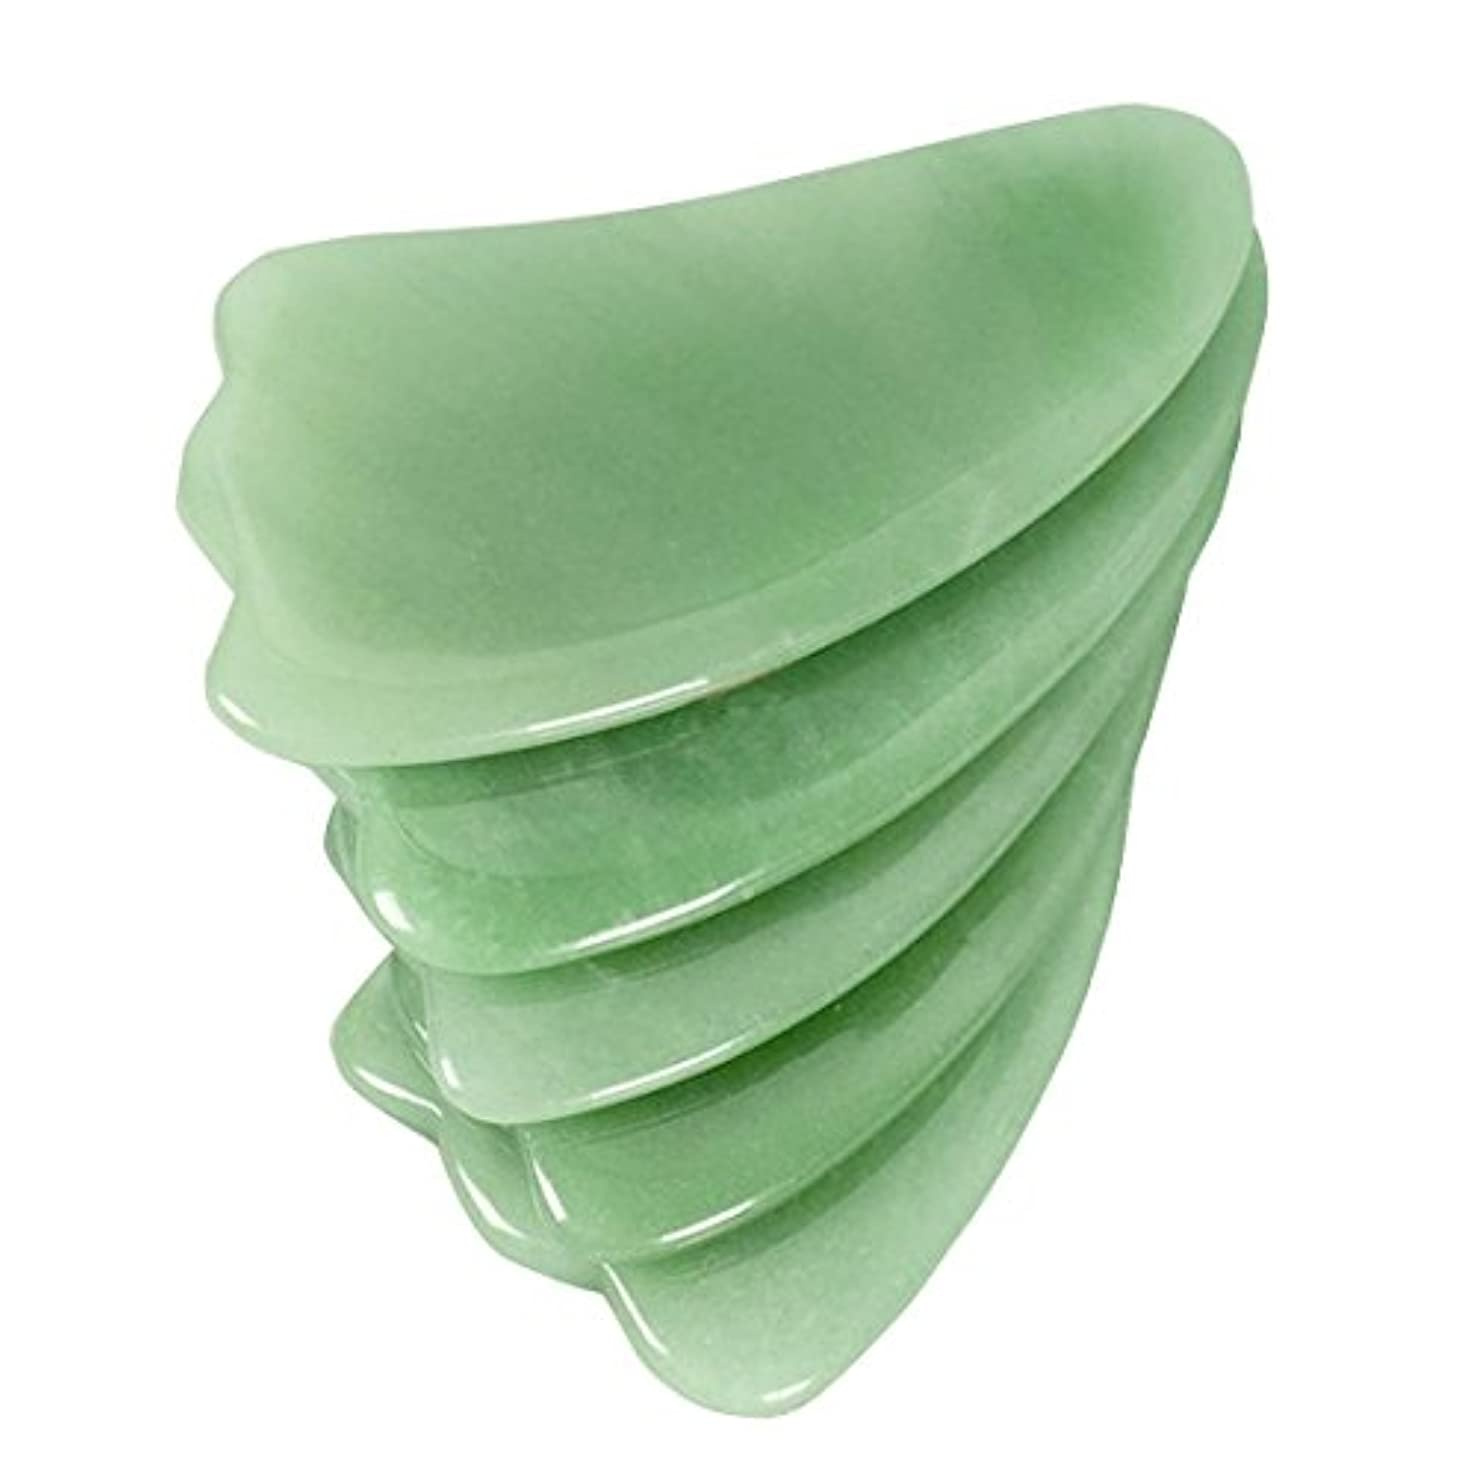 発症早熟成熟(イスイ) YISHUI天然緑アベンチュリン かっさプレート カッサリフトプレート カッサボード カッサマッサージ道具 W3421